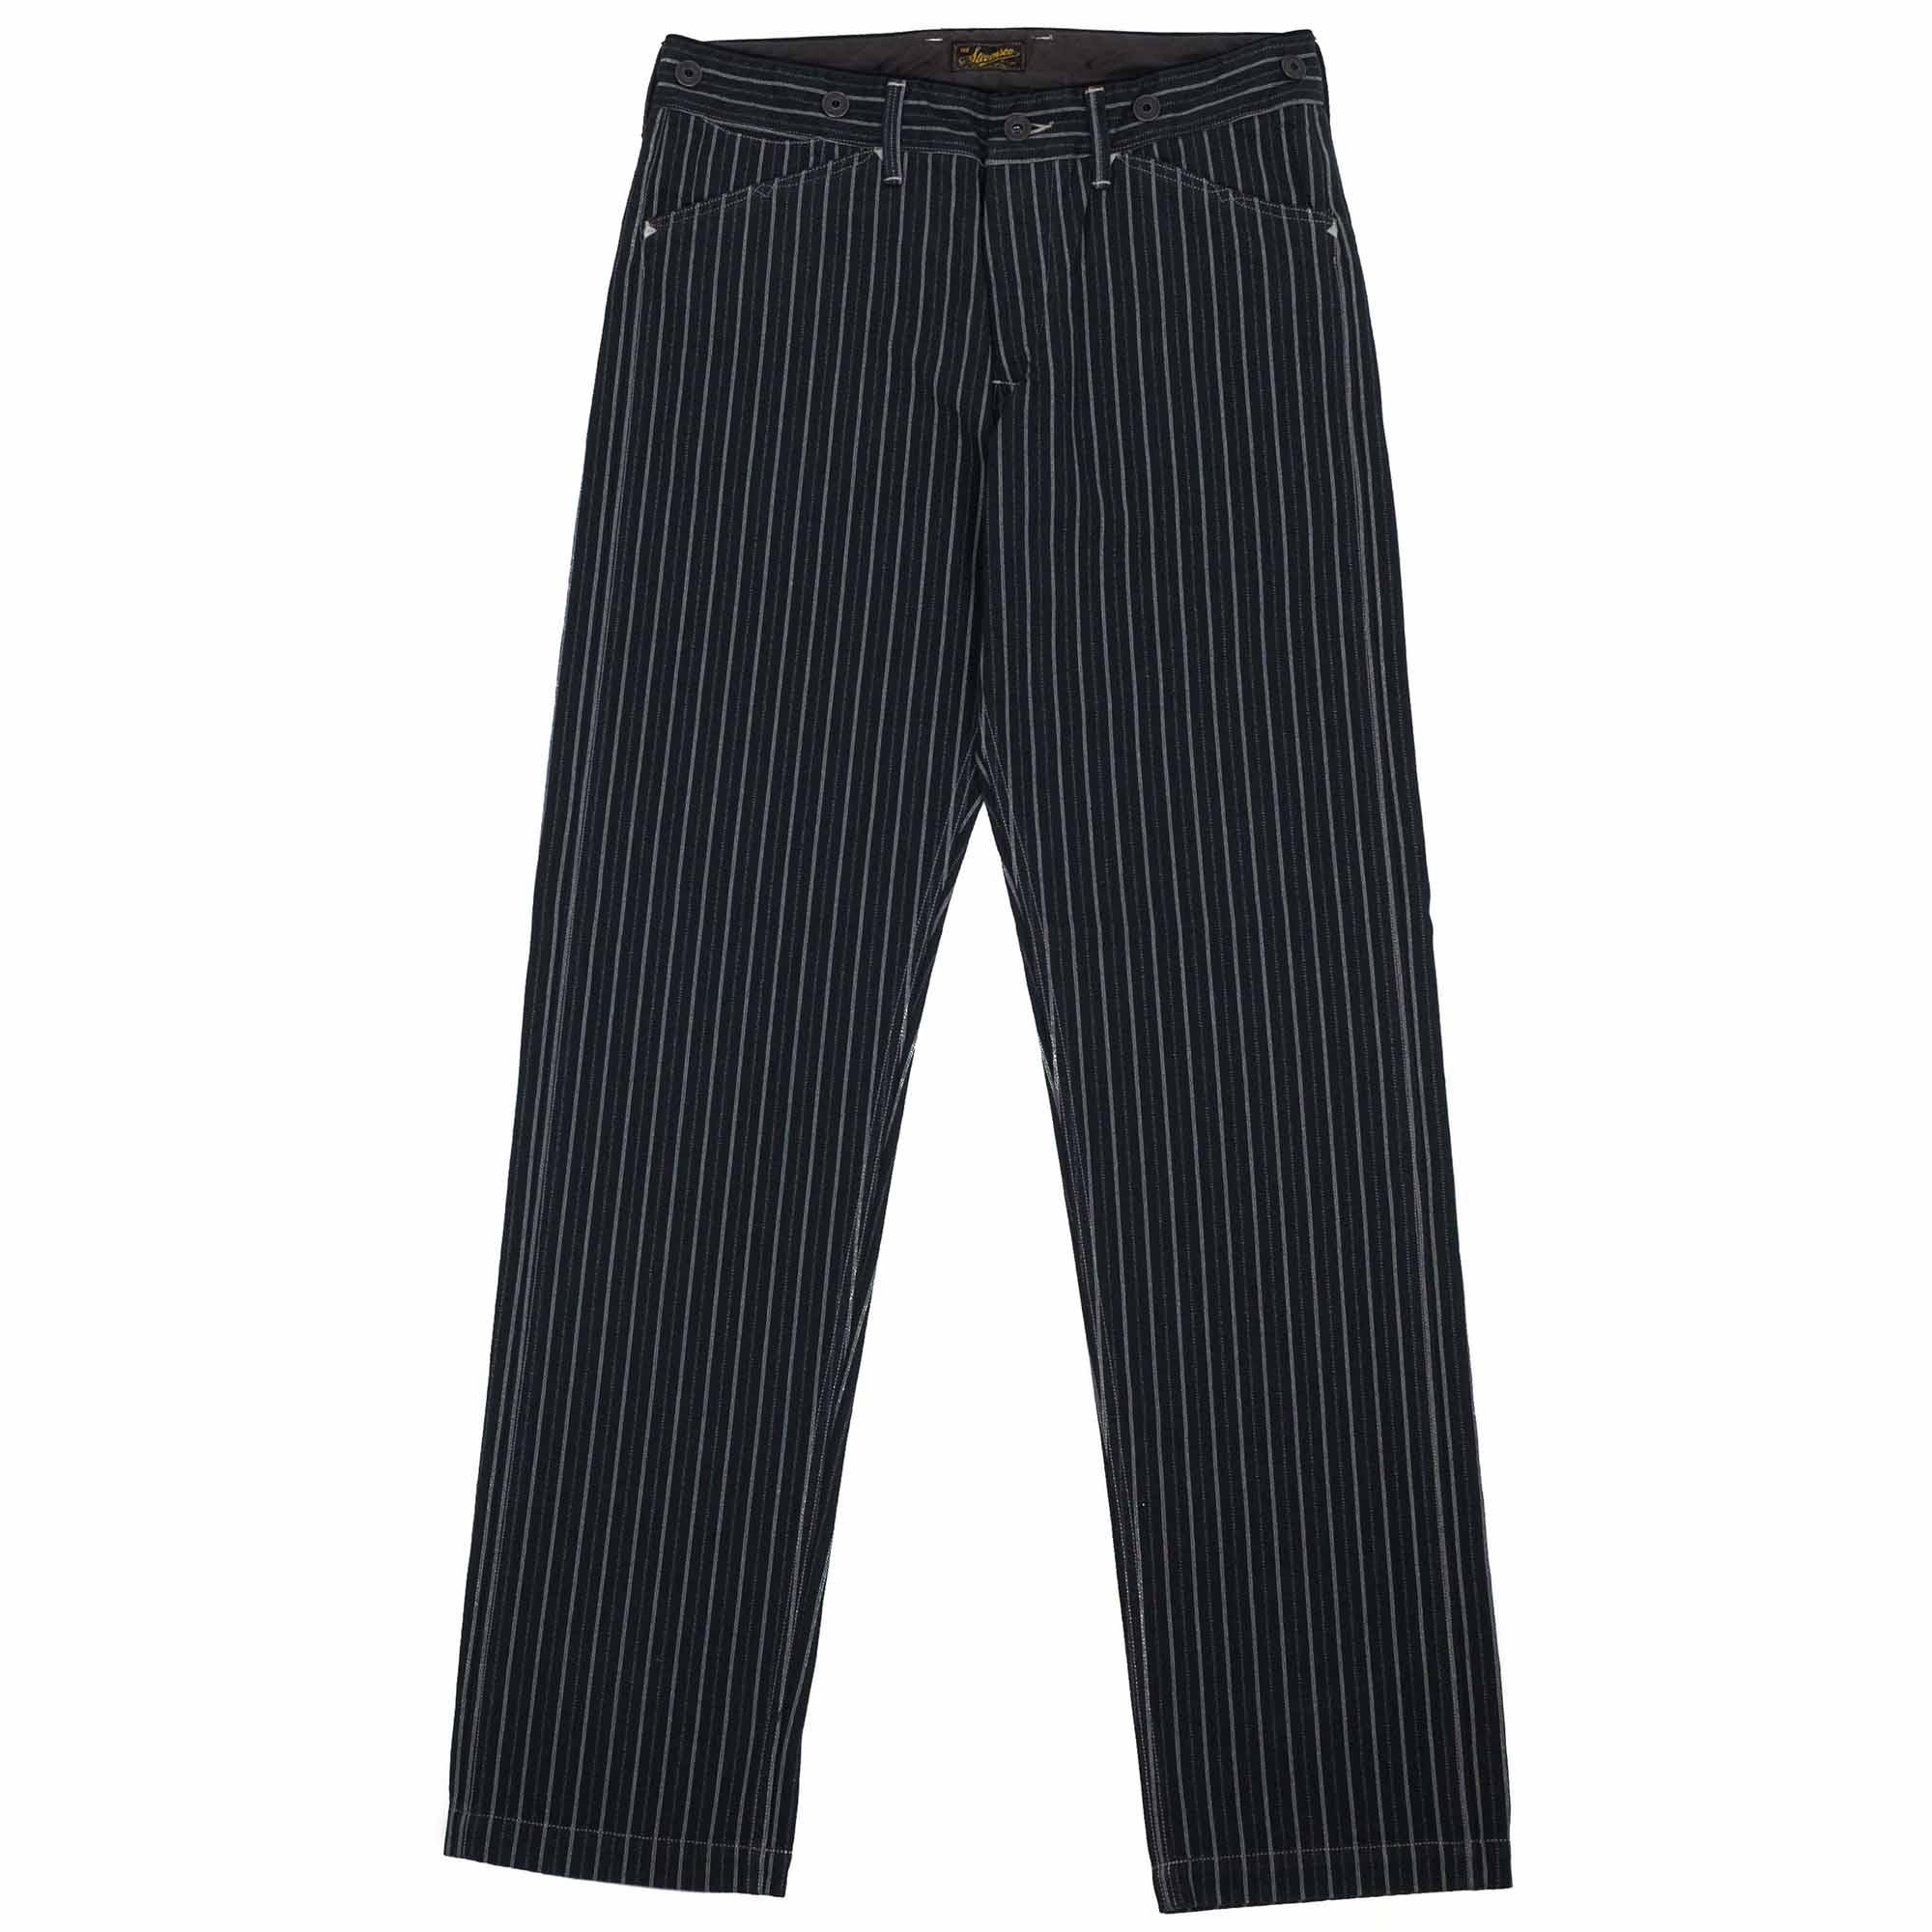 Stevenson Overall Co. Gambler Trousers - Black Stripe